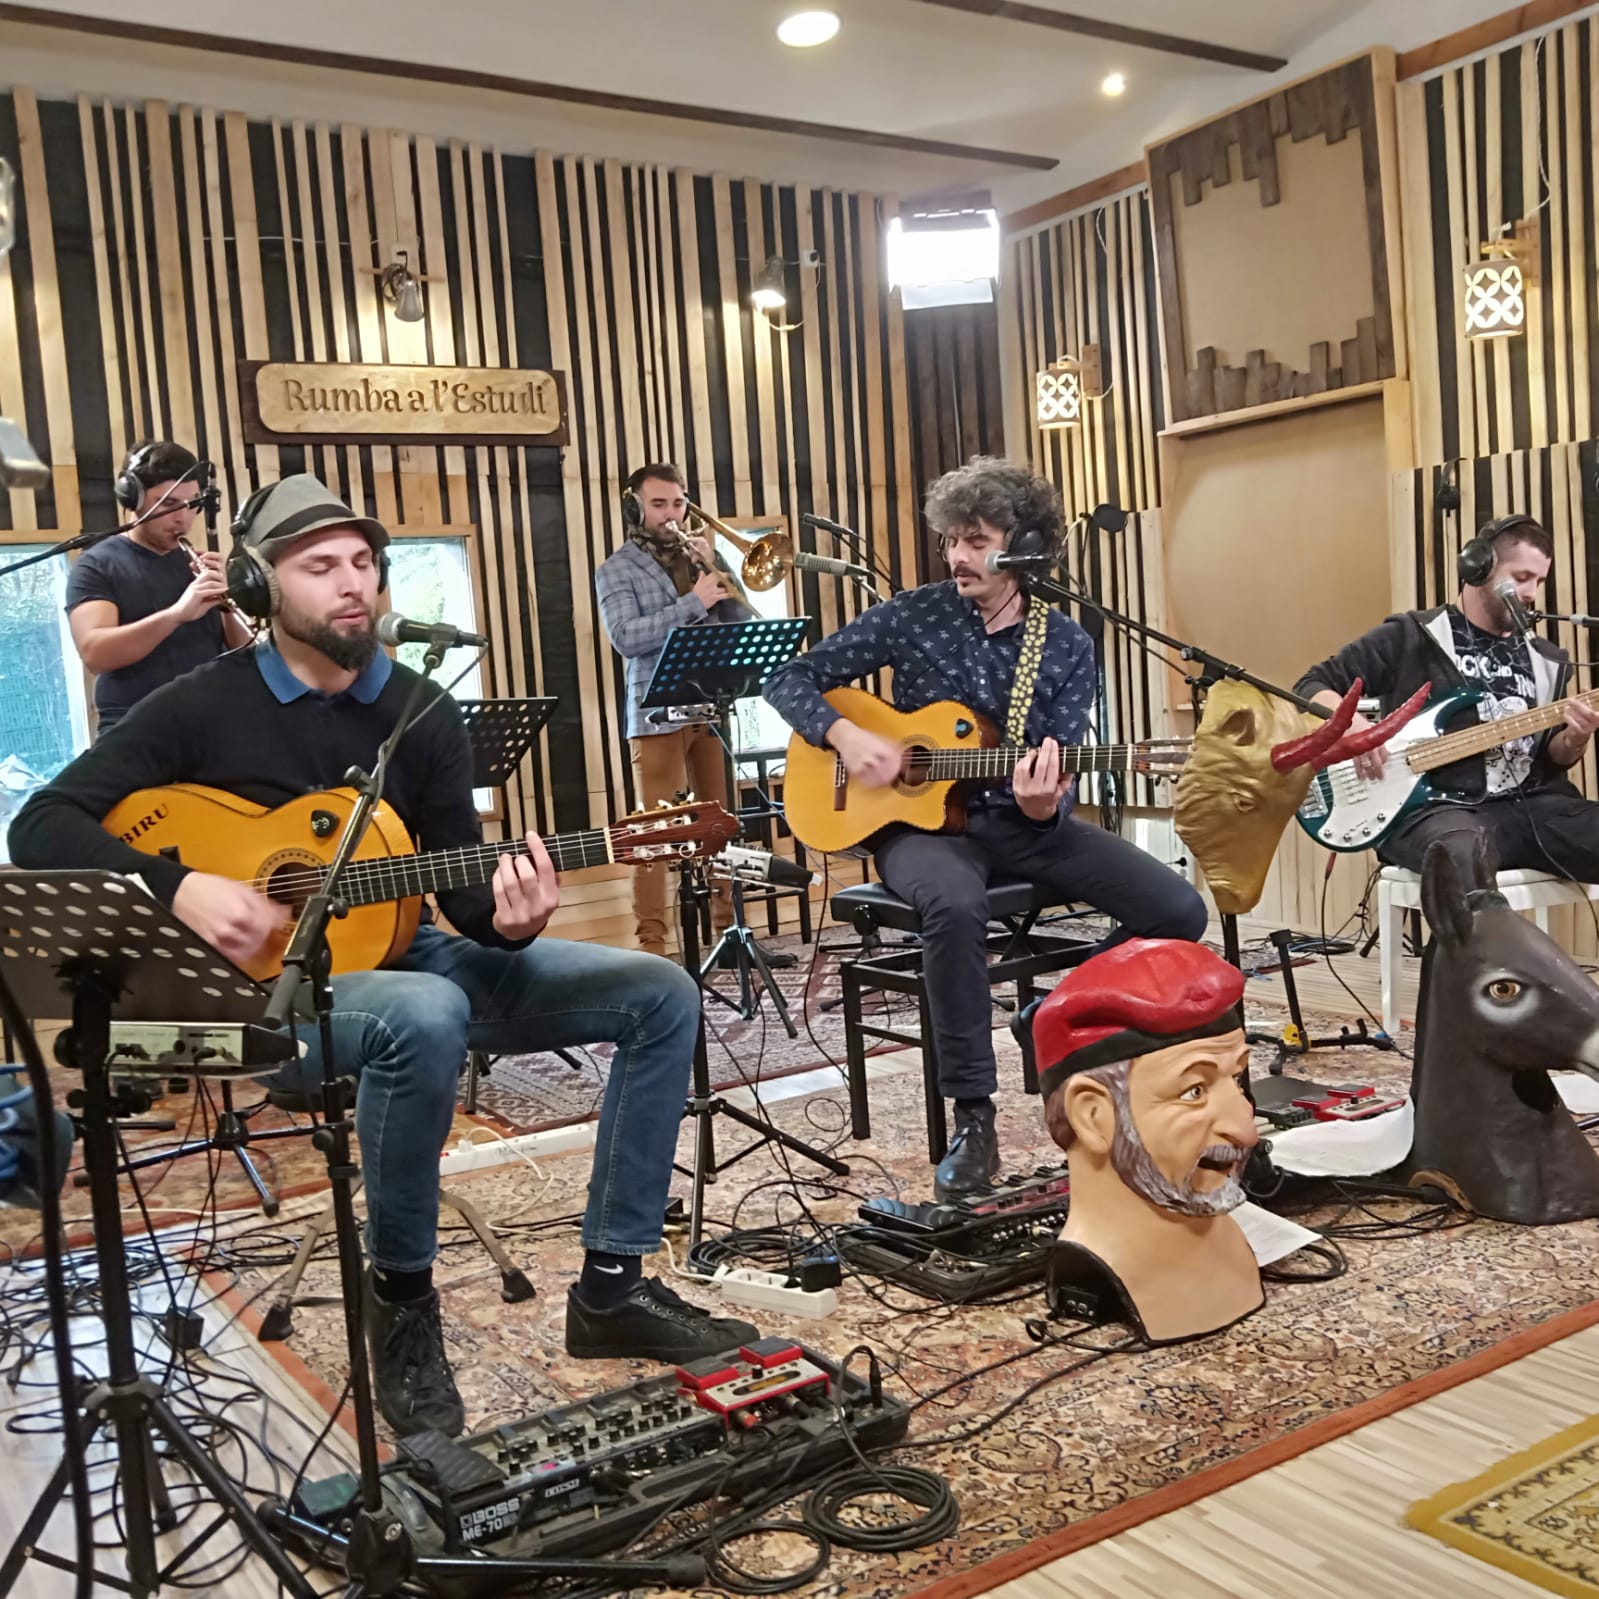 Grabació Els Delai a Rumba a l'estudi